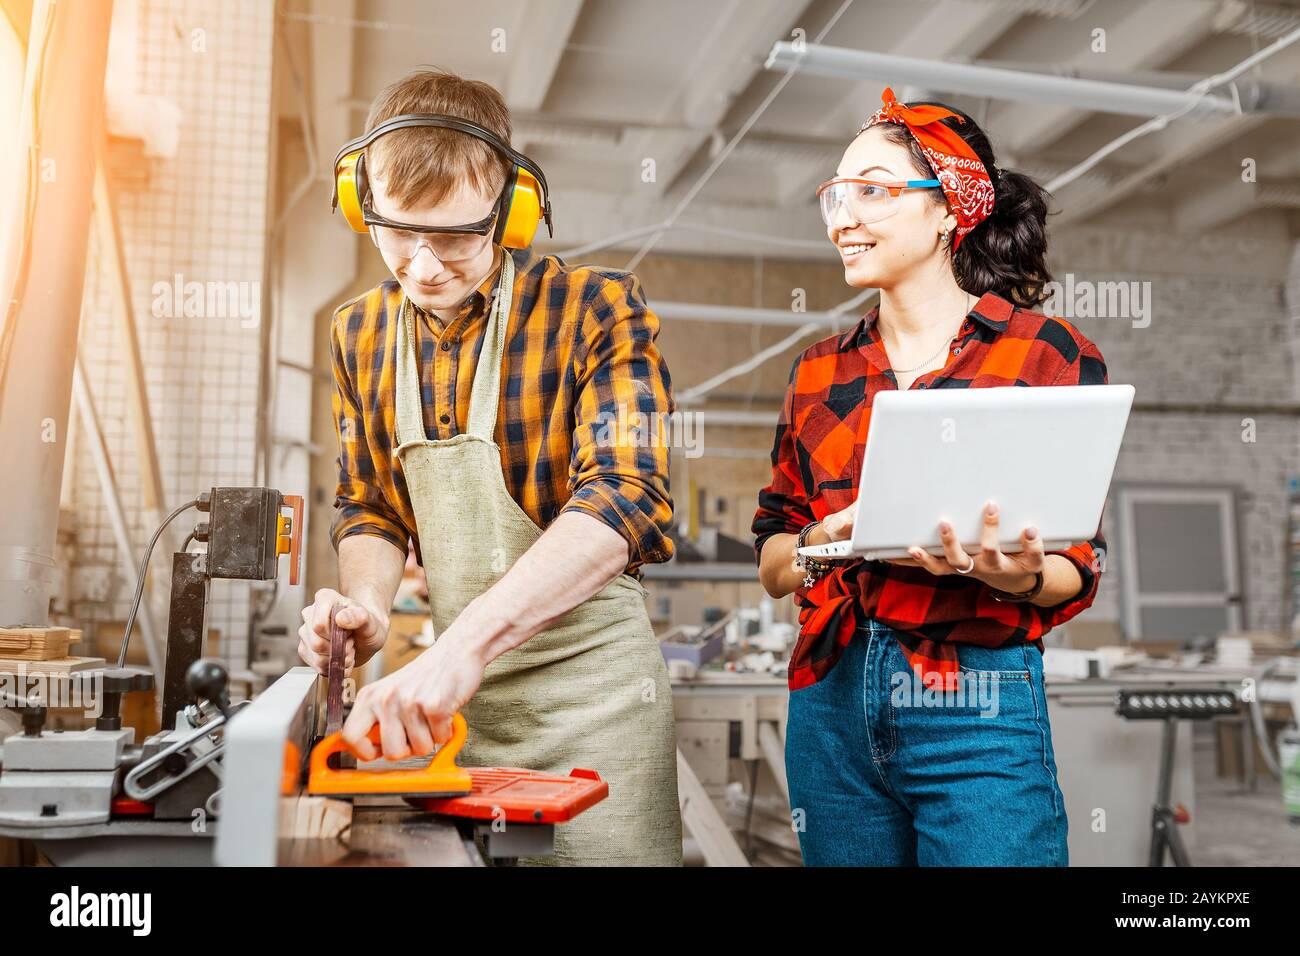 Femme asiatique avec un ordinateur portable et un homme avec une scie circulaire travaillant dans une usine ou un atelier Banque D'Images